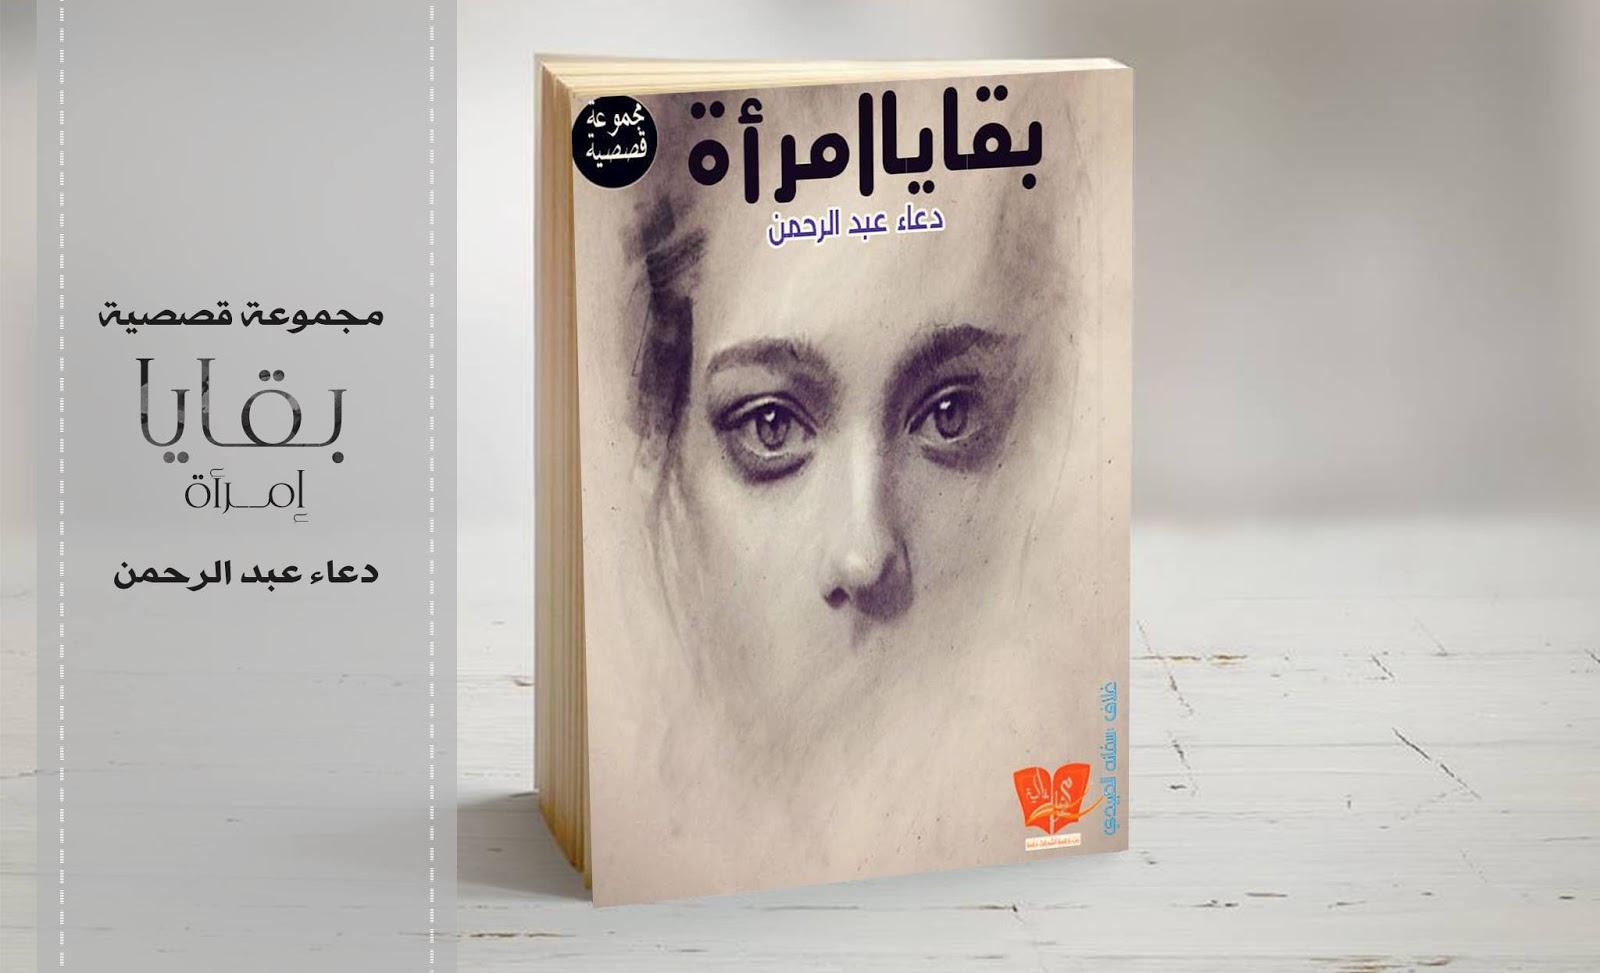 بالصور روايات دعاء عبد الرحمن , اجمل رواية ممتعة 676 1